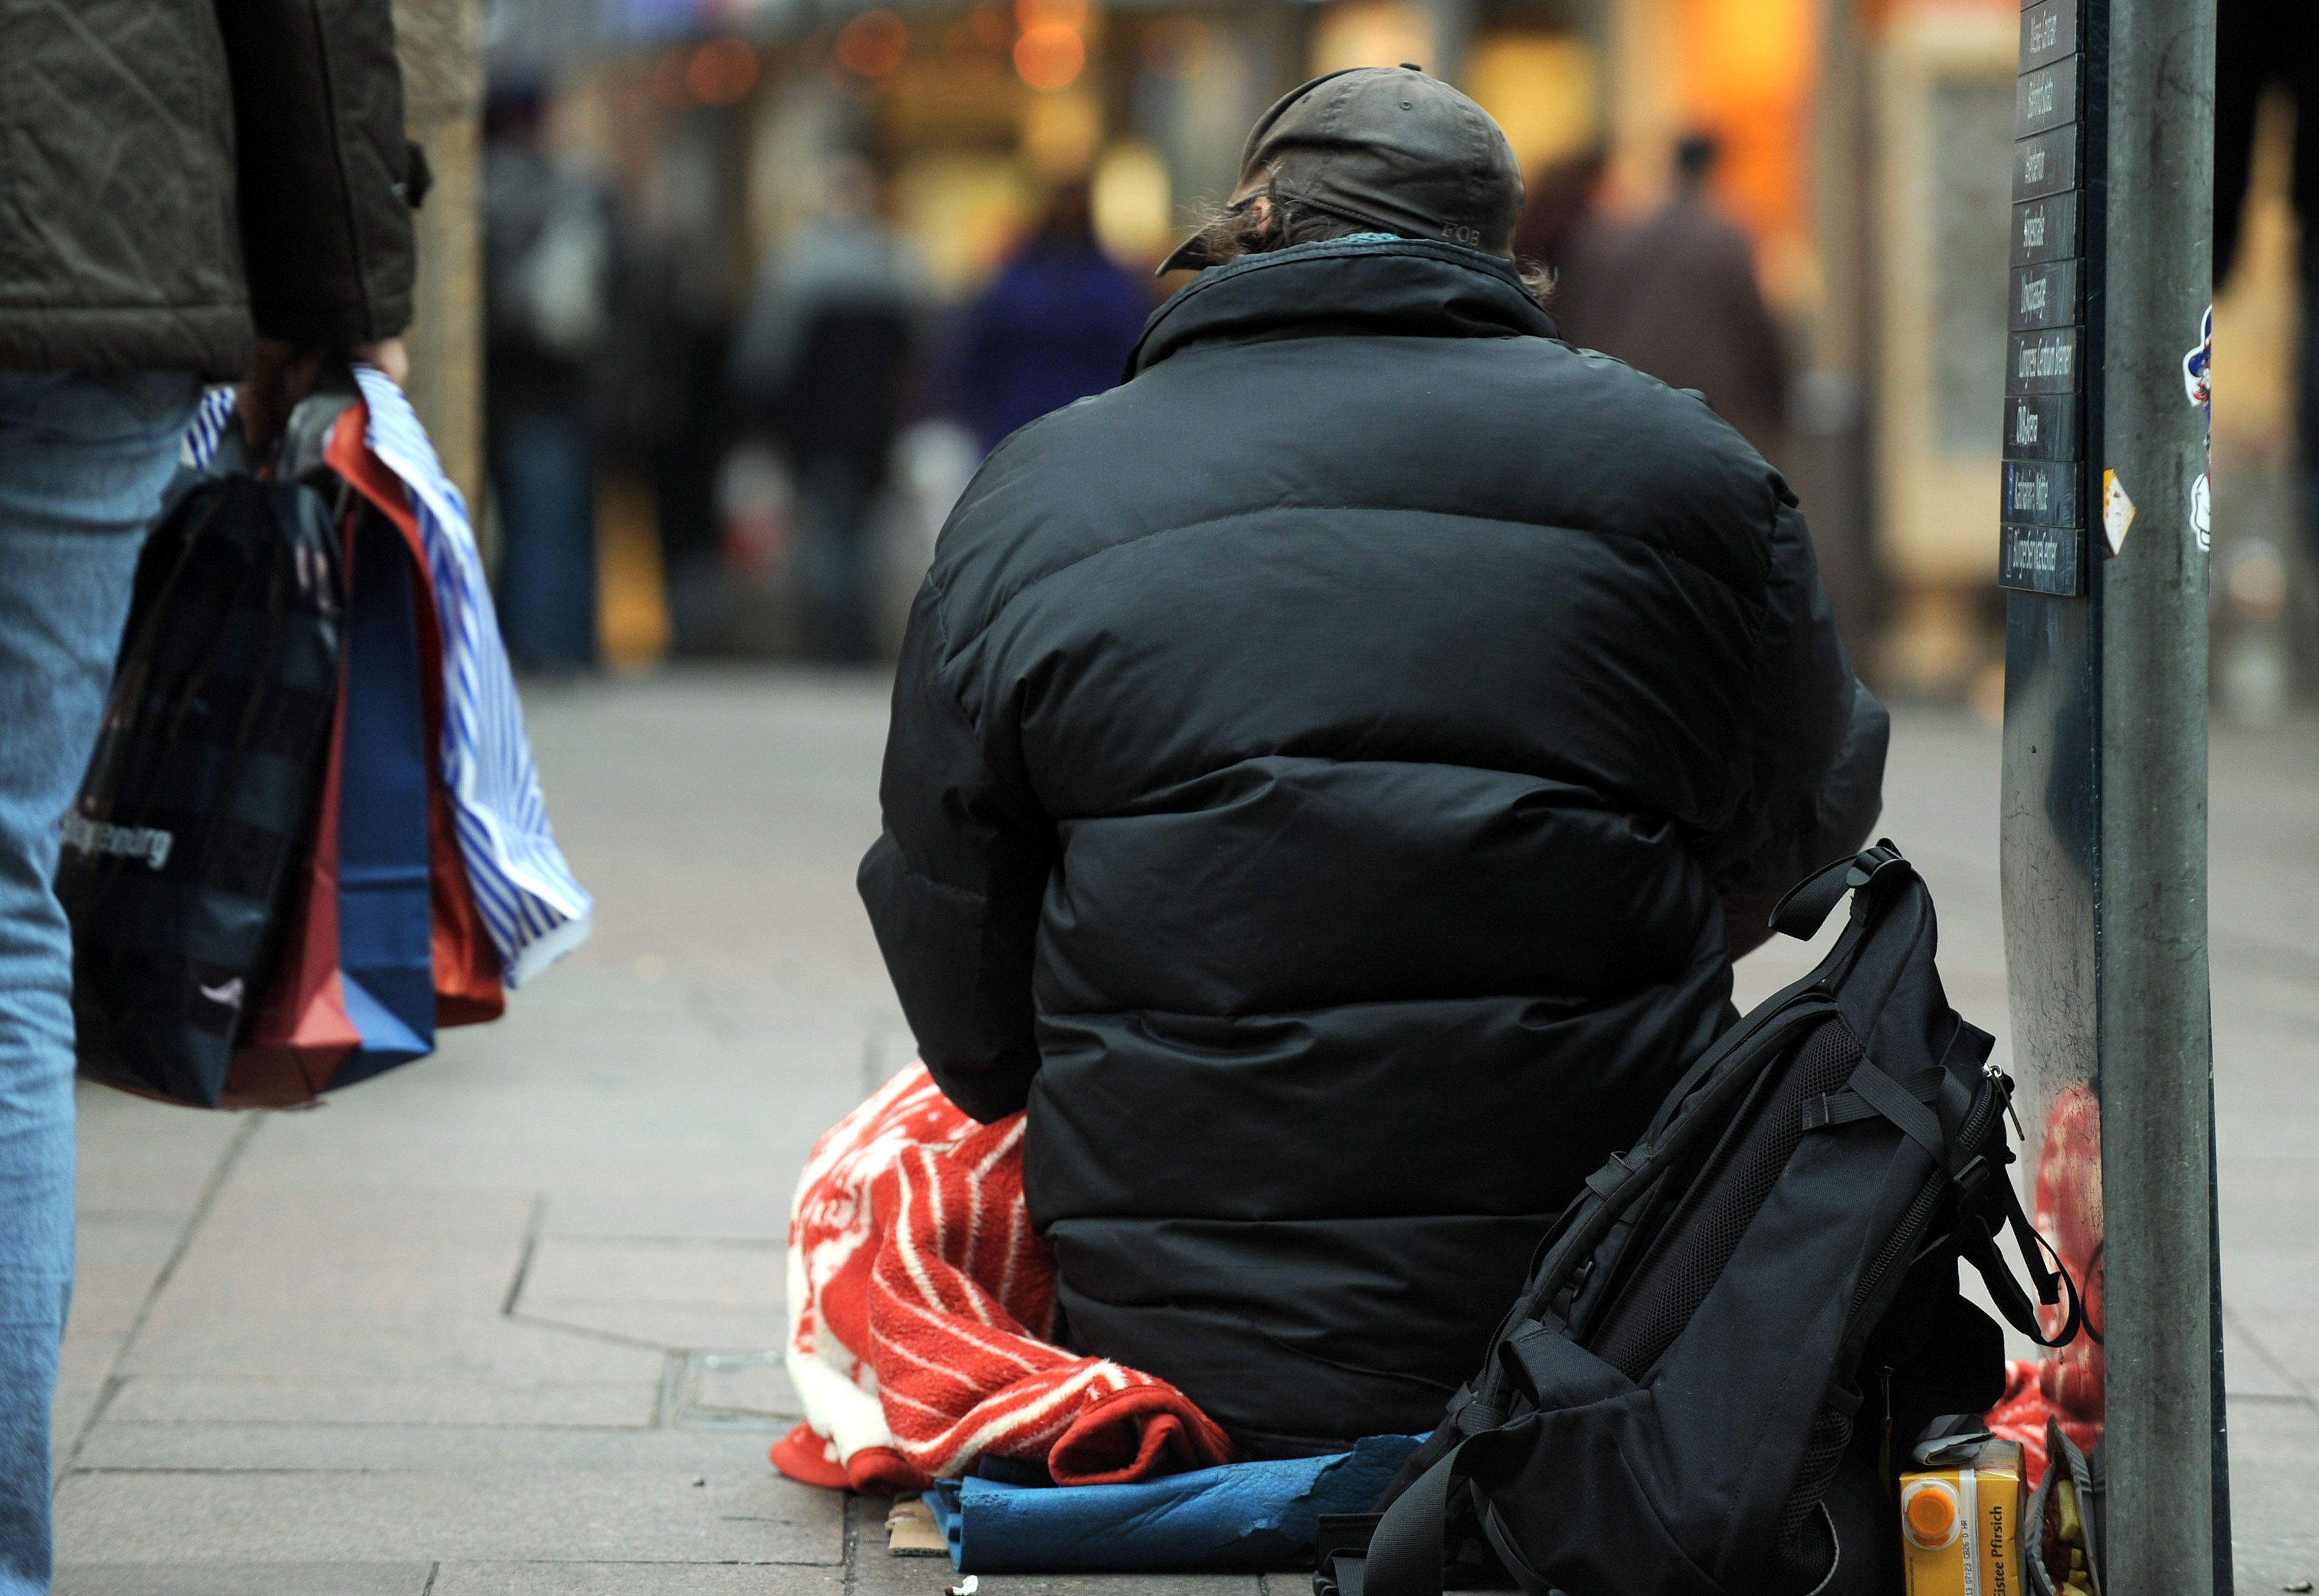 İSVİÇRE'de Bir milyondan fazla  insan fakirlik sınırında